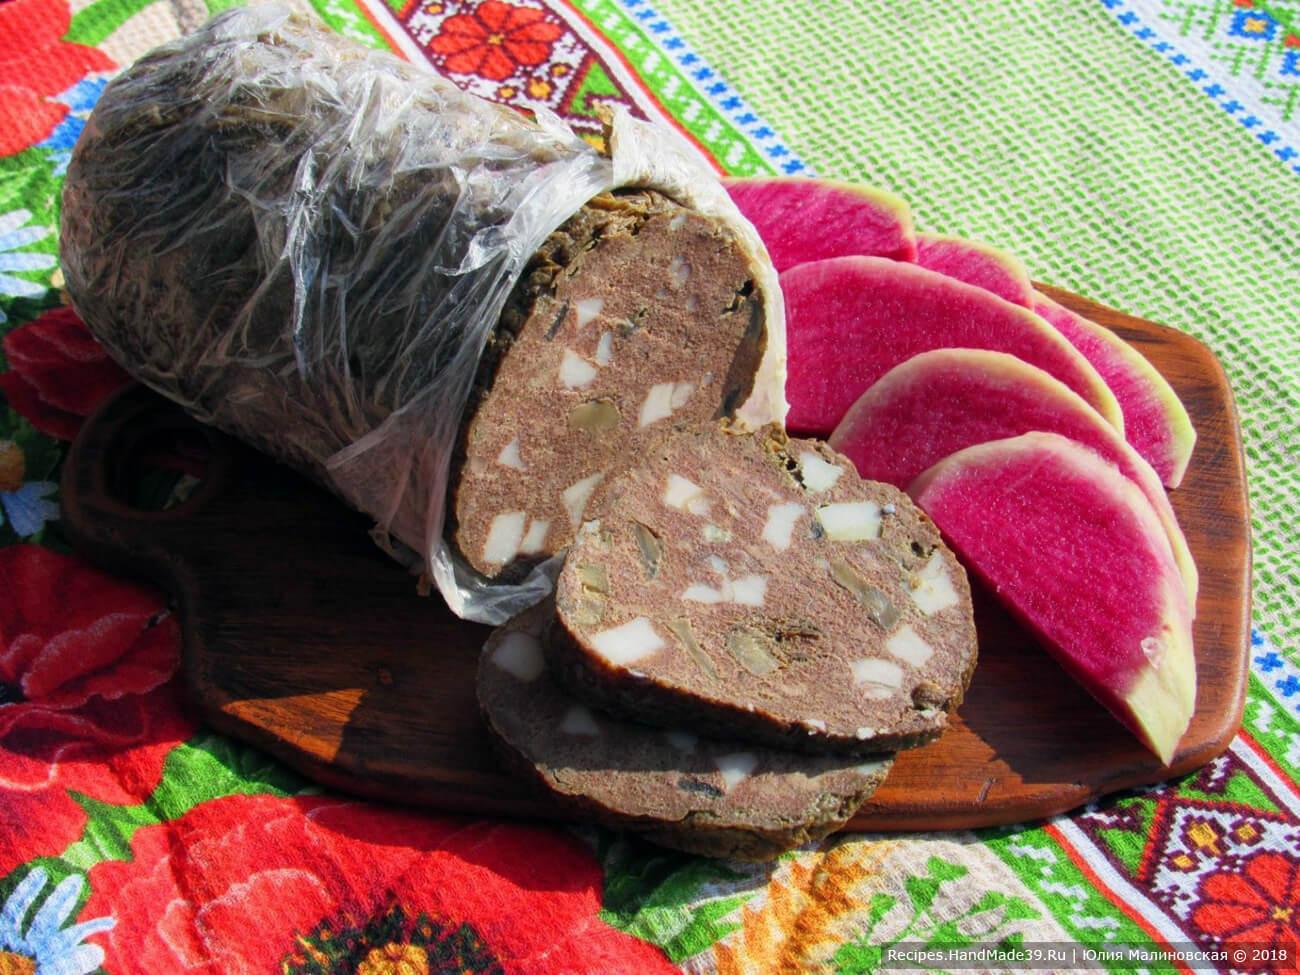 Зельц из свиной головы в домашних условиях рецепт пошагово